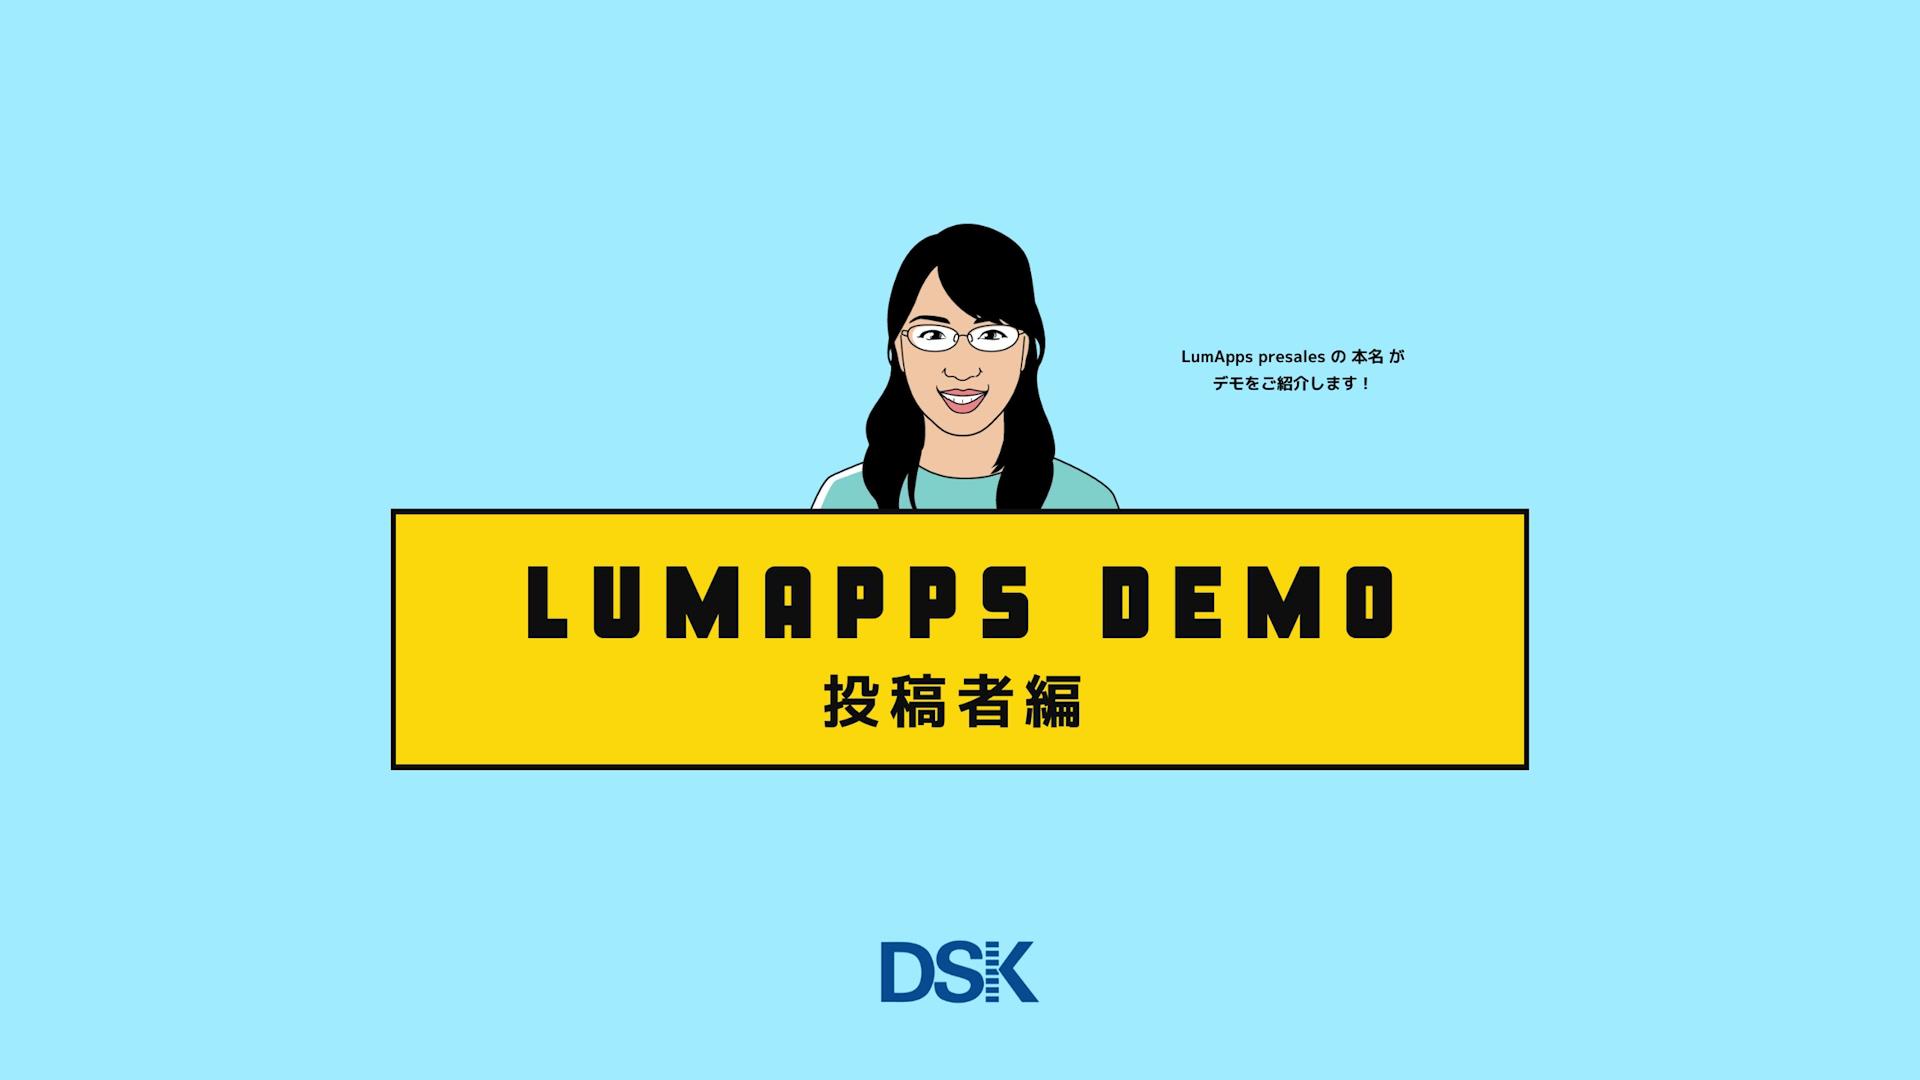 LumApps サービスデモ 投稿者編